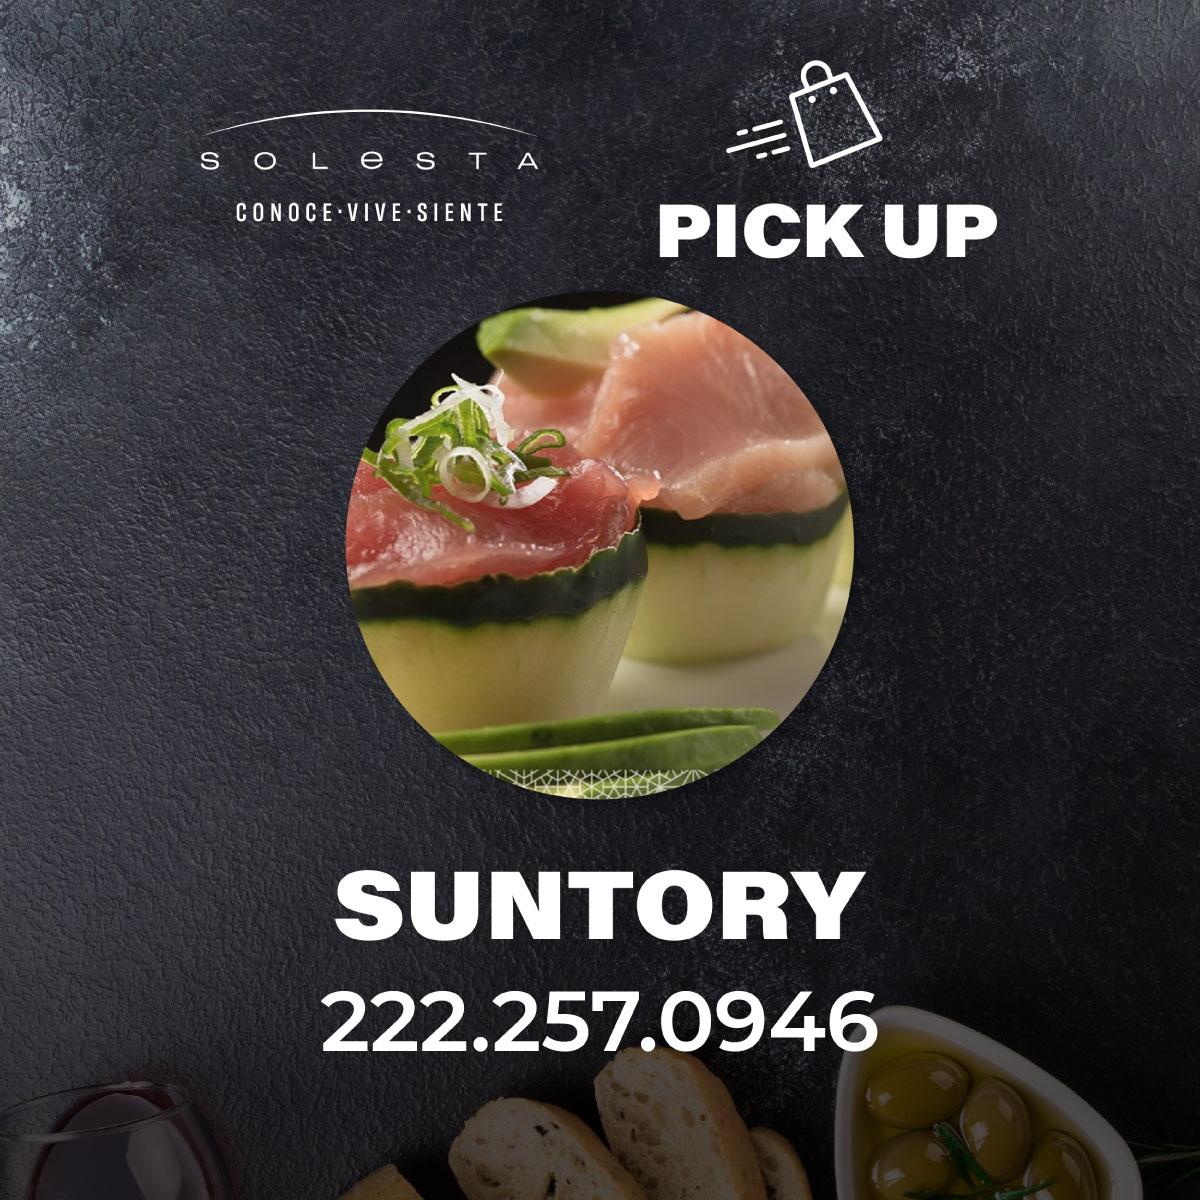 Pick Up De Suntory